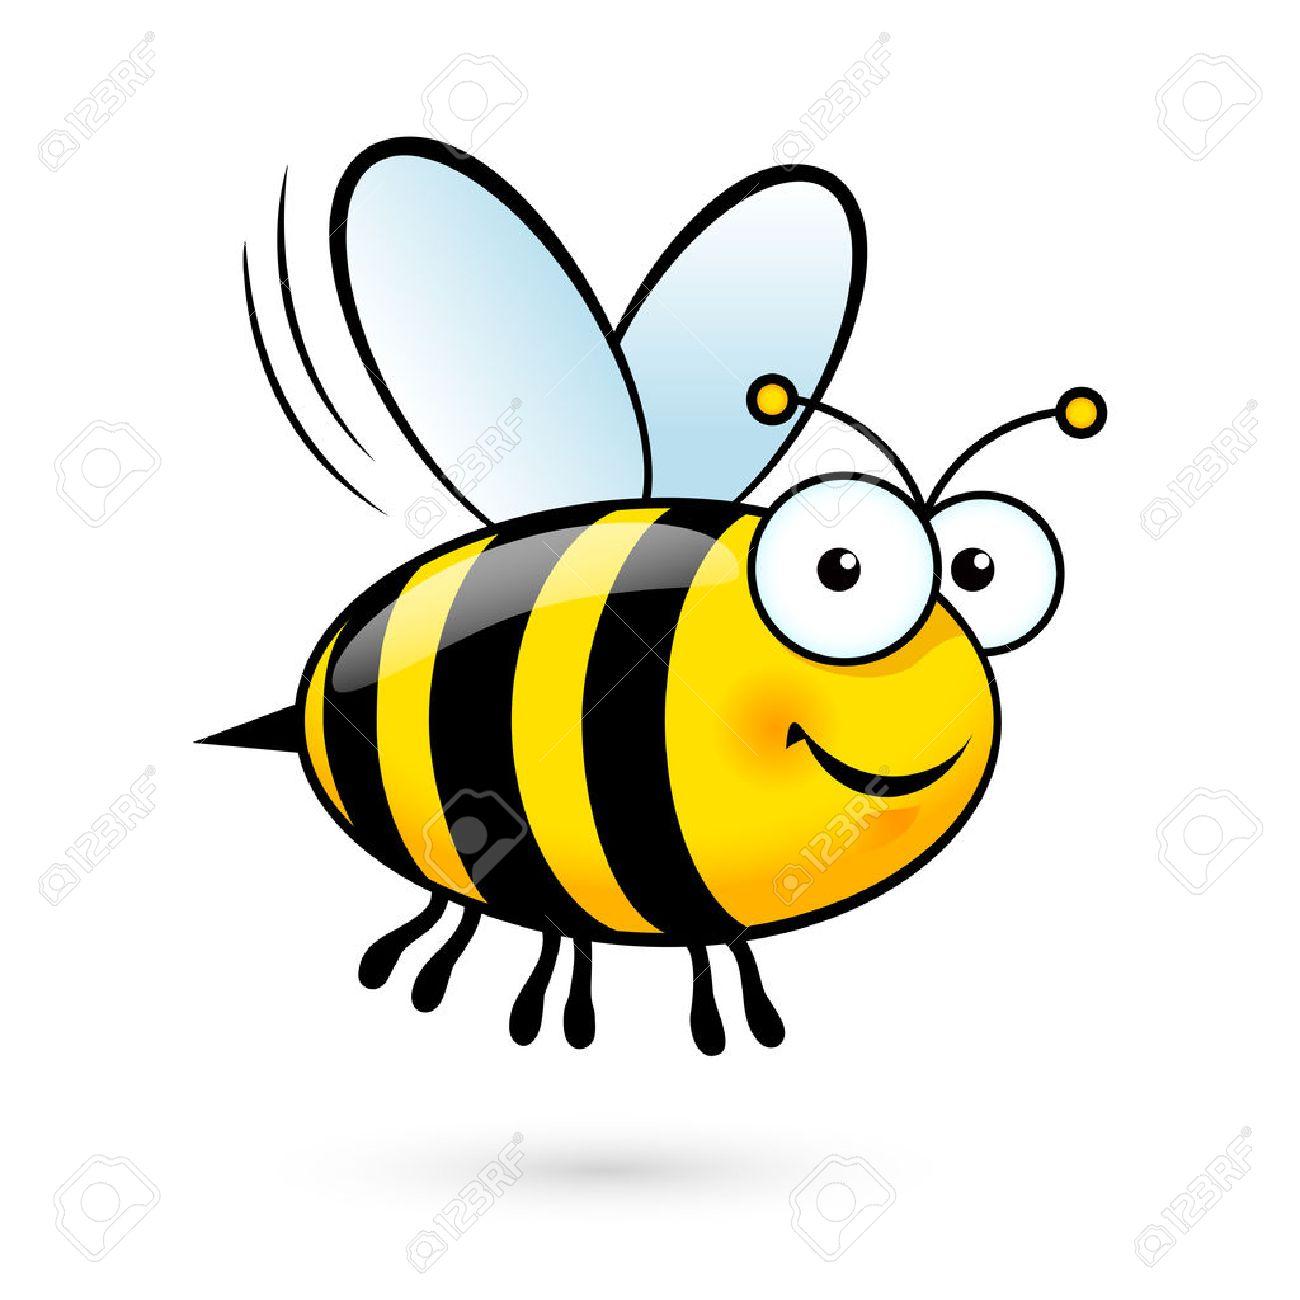 フレンドリーなかわいい蜂飛んで 笑顔のイラストのイラスト素材 ベクタ Image